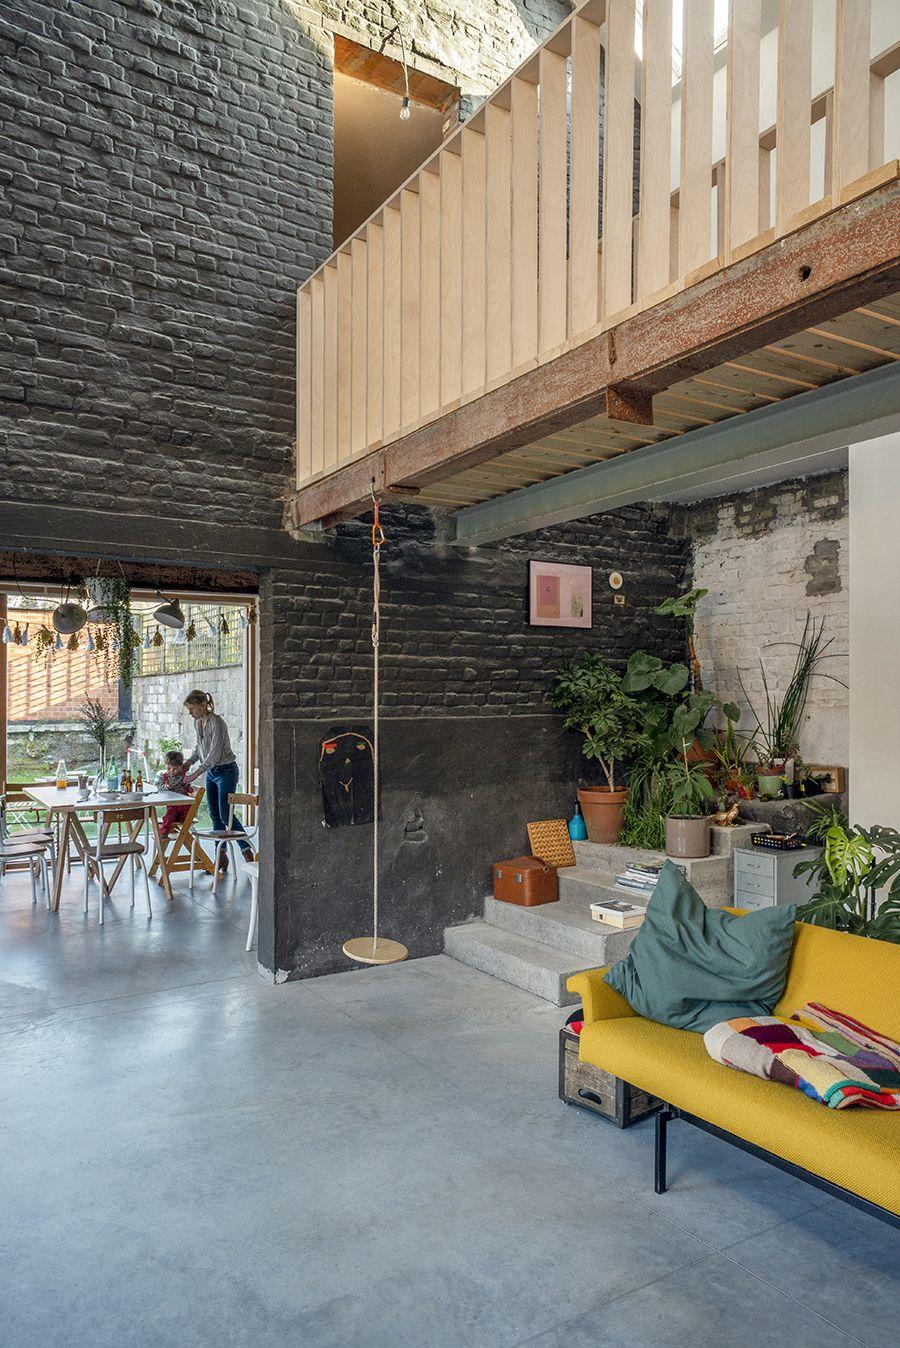 Transformation D Une Scierie Ouest Architecture Gand Delphine Mathy Architectuur